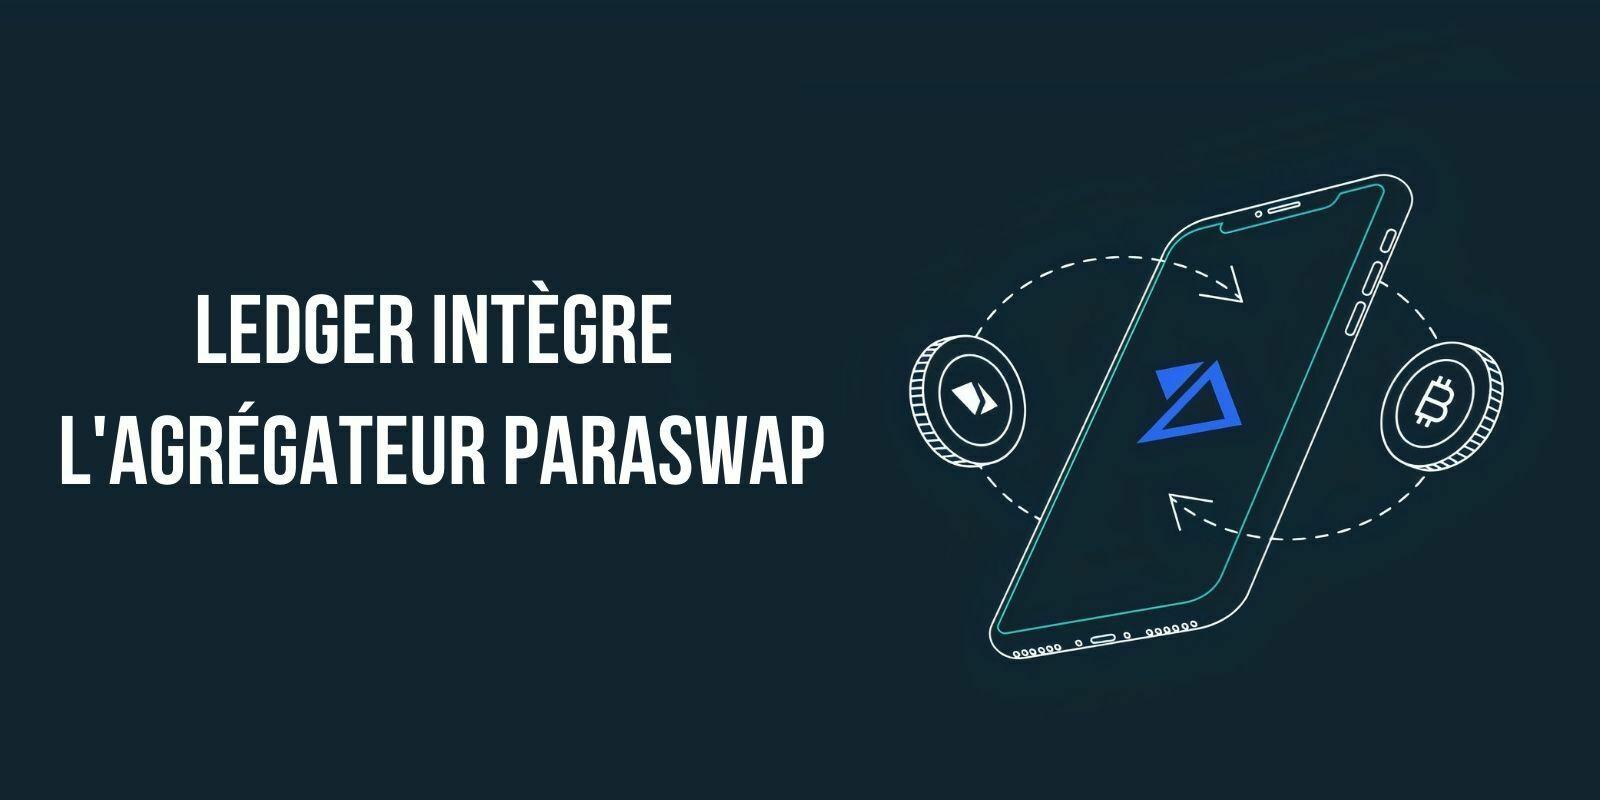 L'application Ledger Live adopte la DeFi en intégrant l'agrégateur ParaSwap